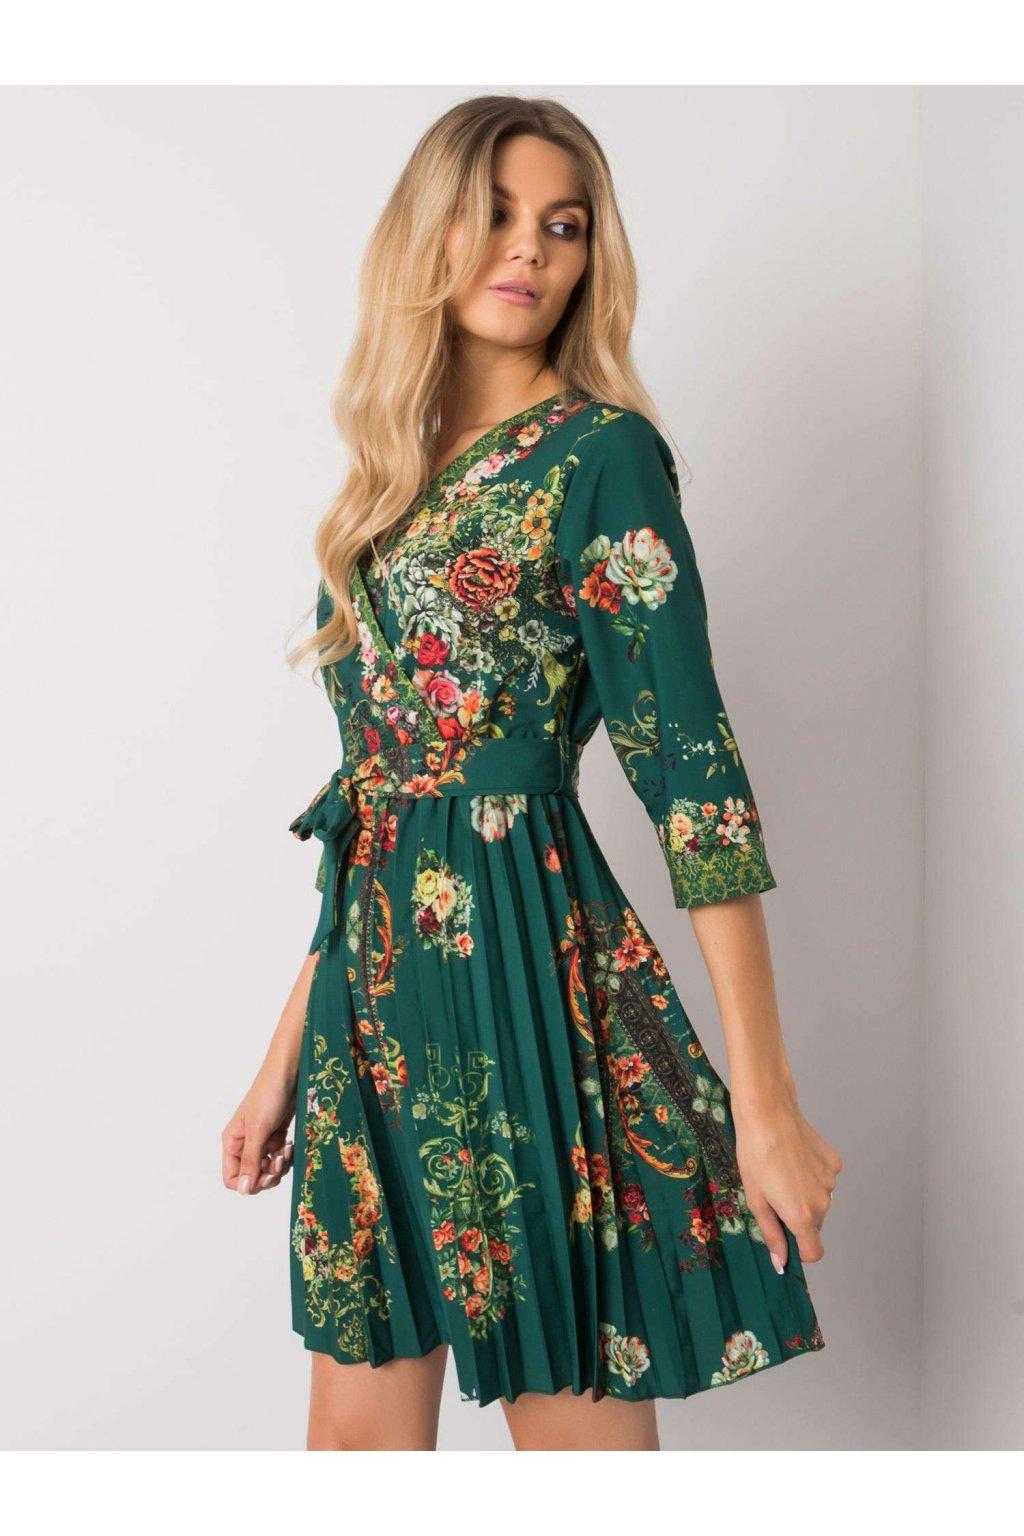 pol pl Zielona sukienka plisowana Xana 374916 1